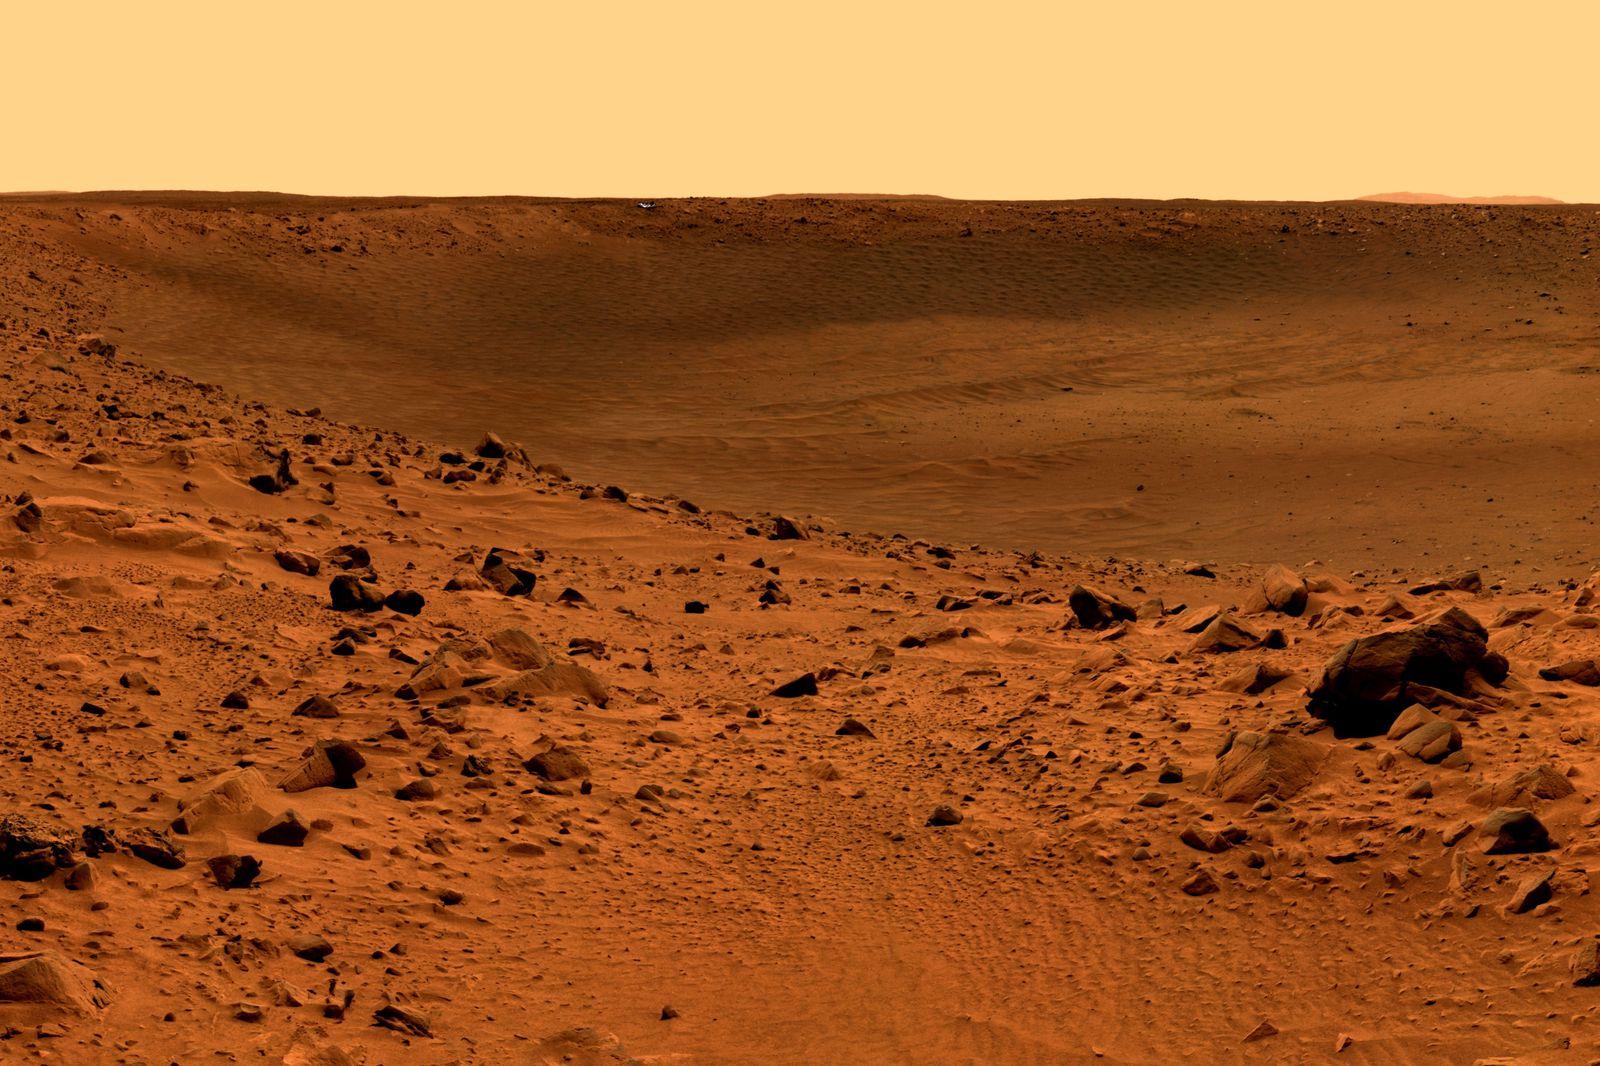 mars surface مدارگرد ردیاب گاز «اگزومارس» موفق به شناسایی گاز جدیدی در مریخ شد اخبار IT